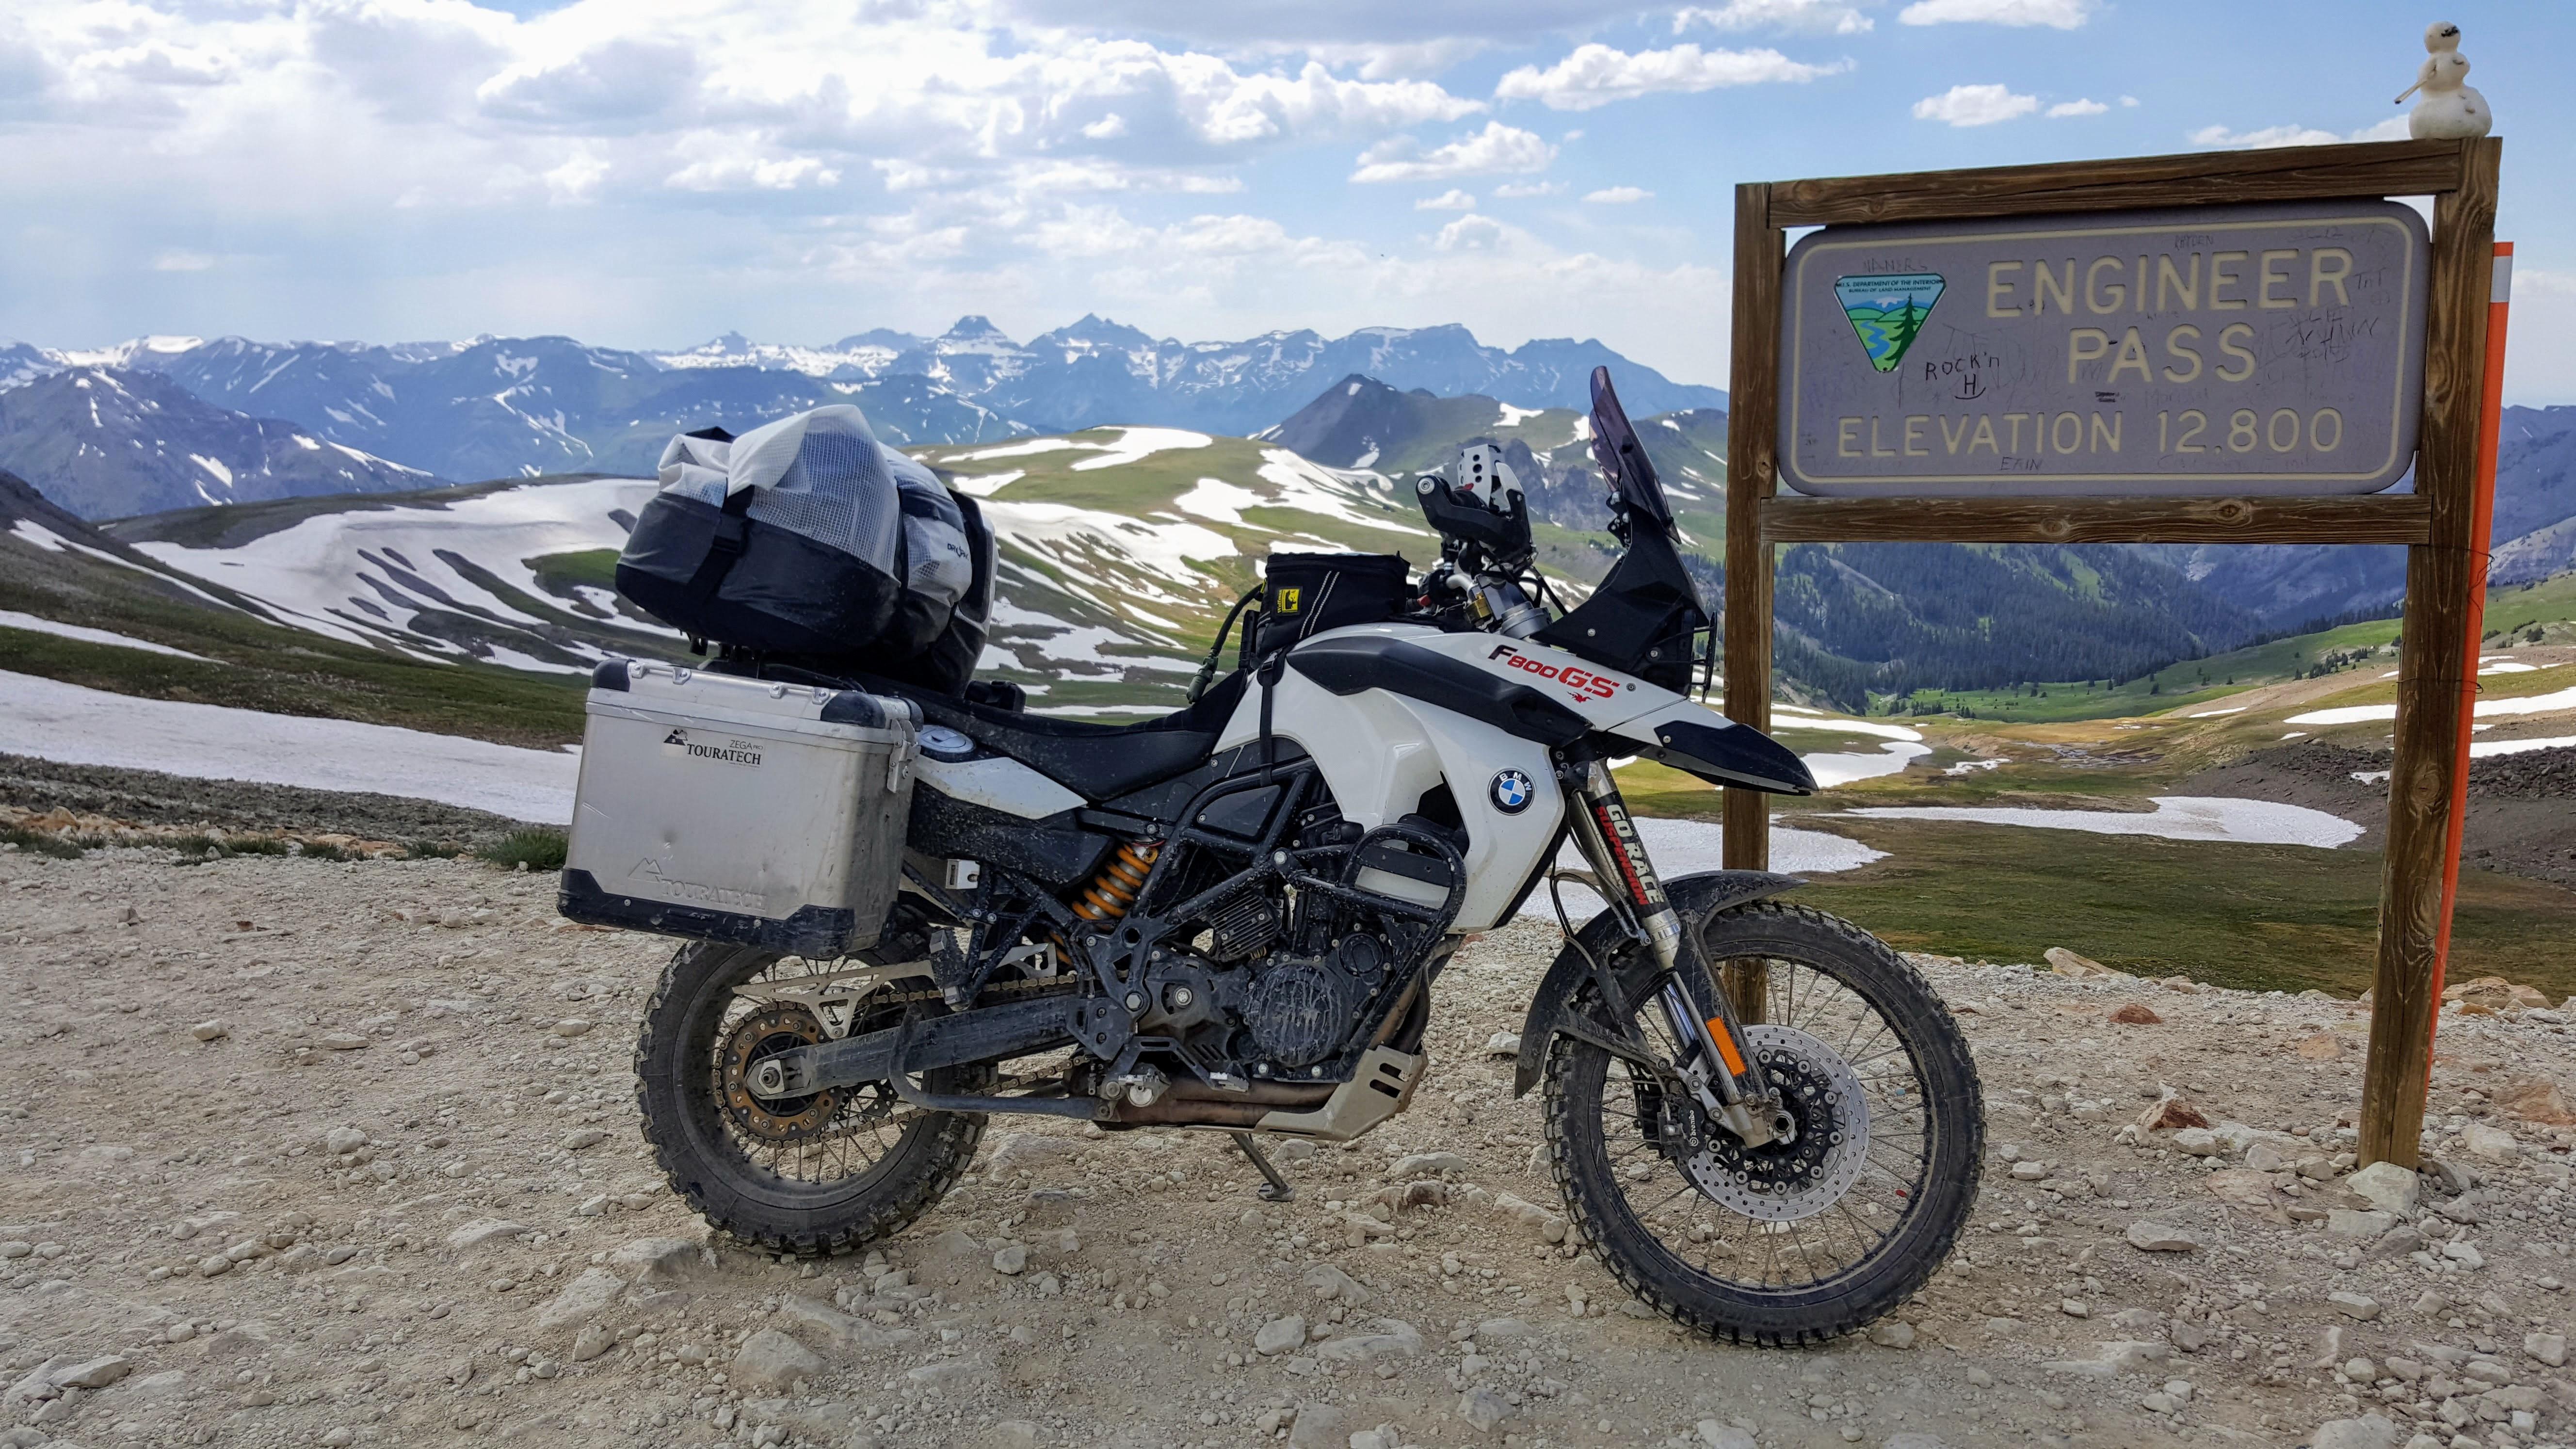 July 4th - 211 Mile Colorado Ride-8e213229-249f-4772-8b77-a4fdf5244f32.jpeg